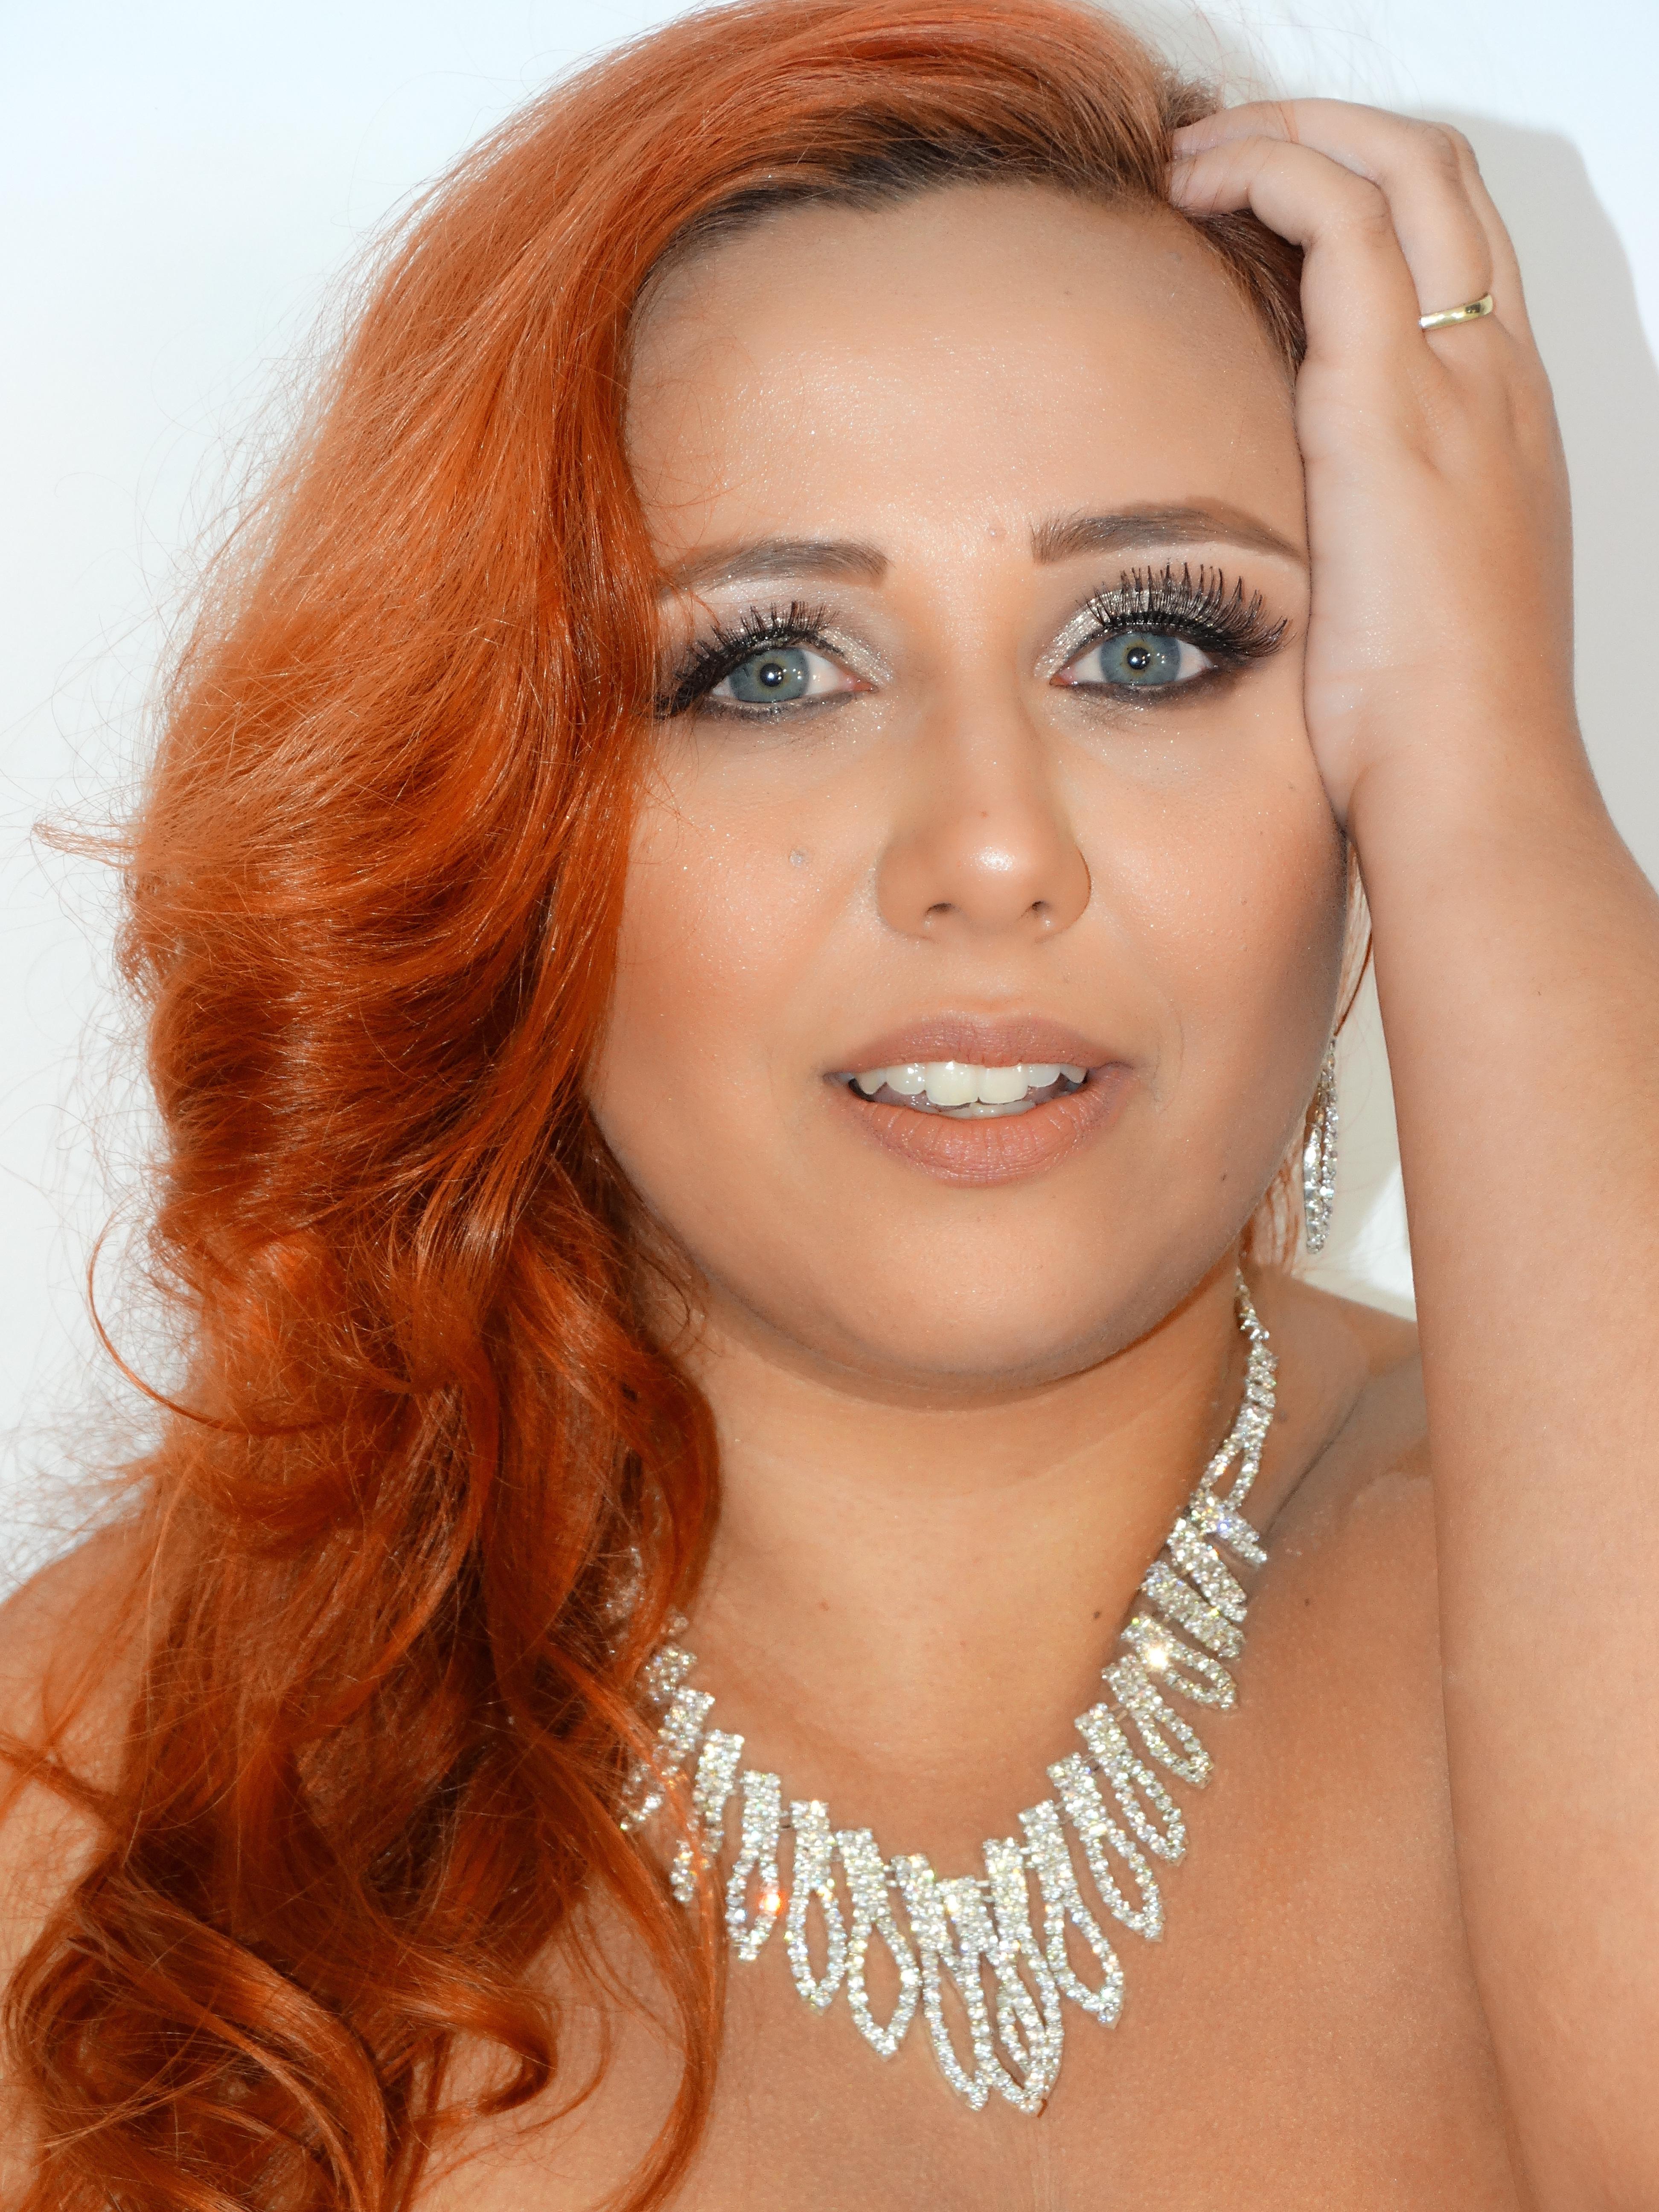 Modelo Melissa Almeida #MônicaSilvaMakeup #Maquiagem #Noiva #Portfólio maquiagem maquiador(a) consultor(a)